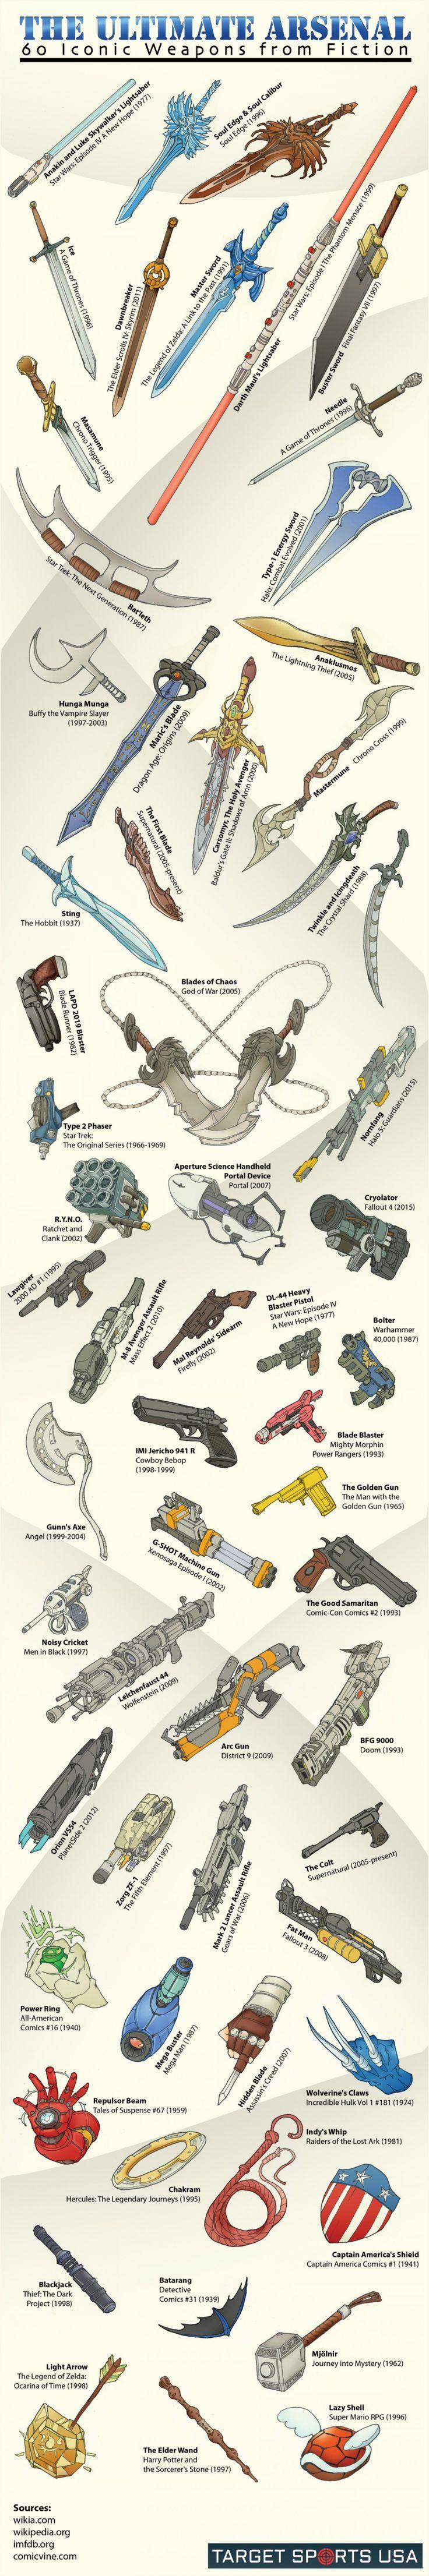 60 de lasarmasmás míticas de fantasía y ciencia-ficción en unagenial infografía